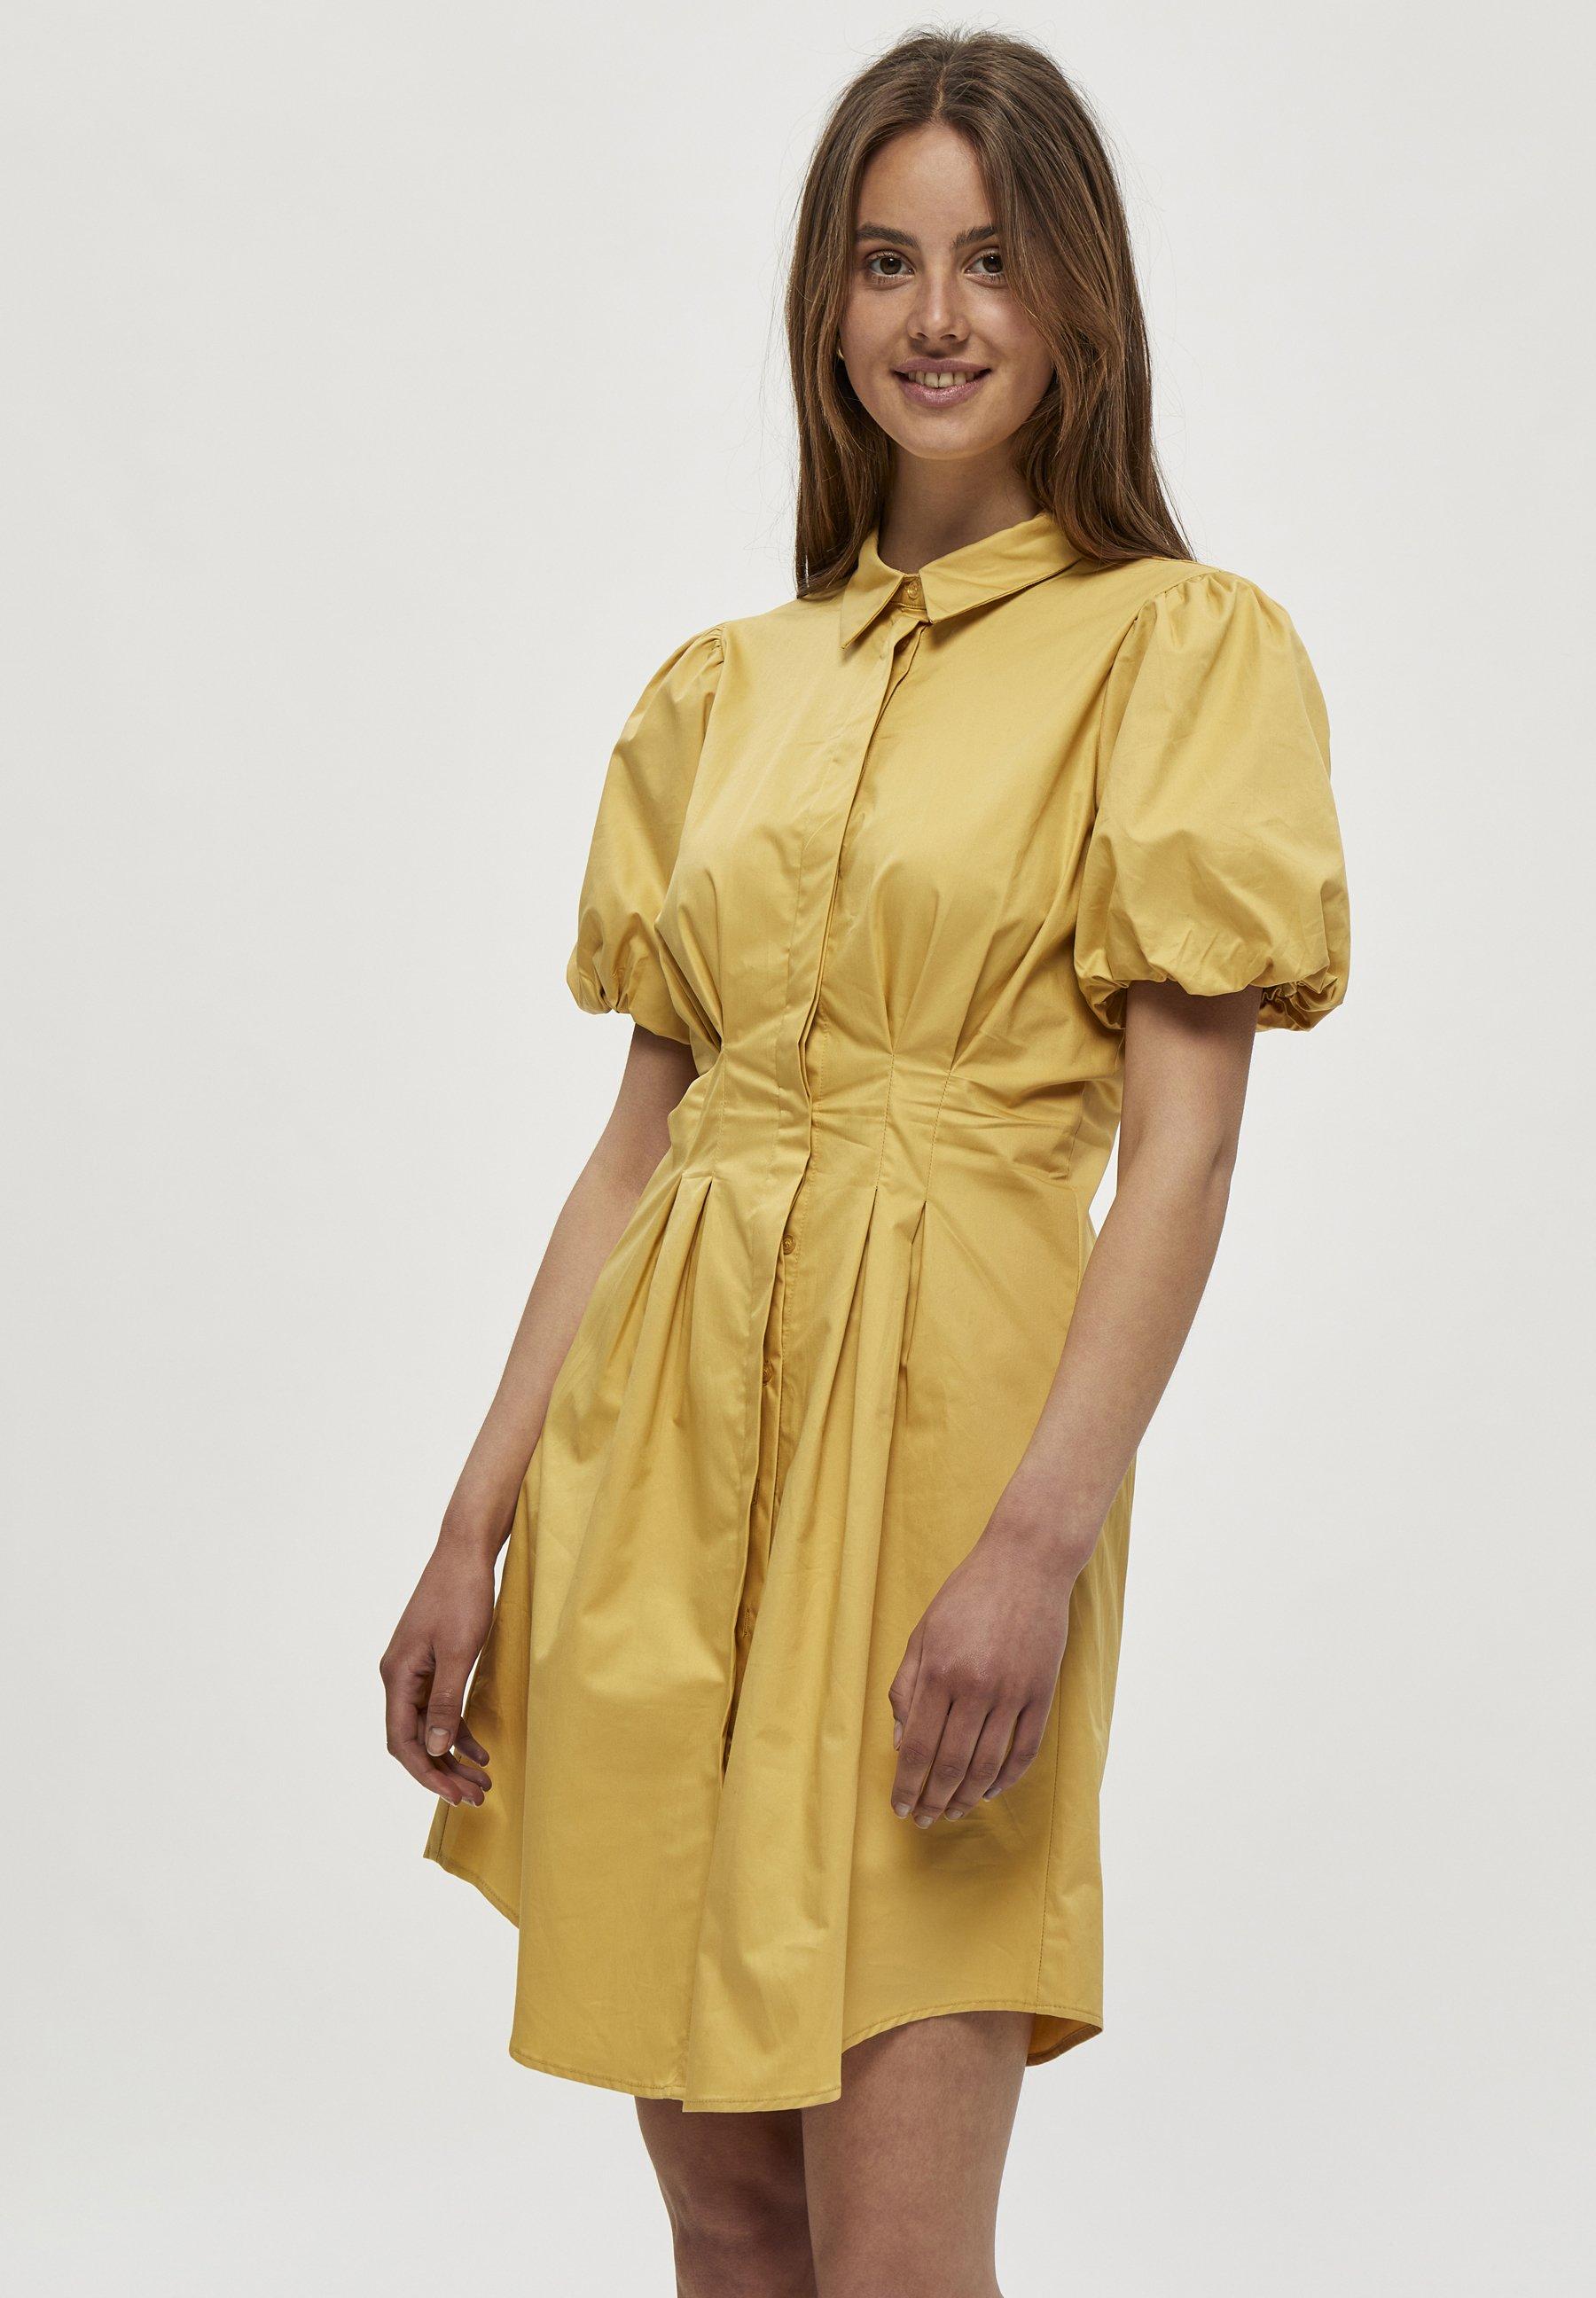 Femme ALETTE SHIRT DRESS - Robe chemise